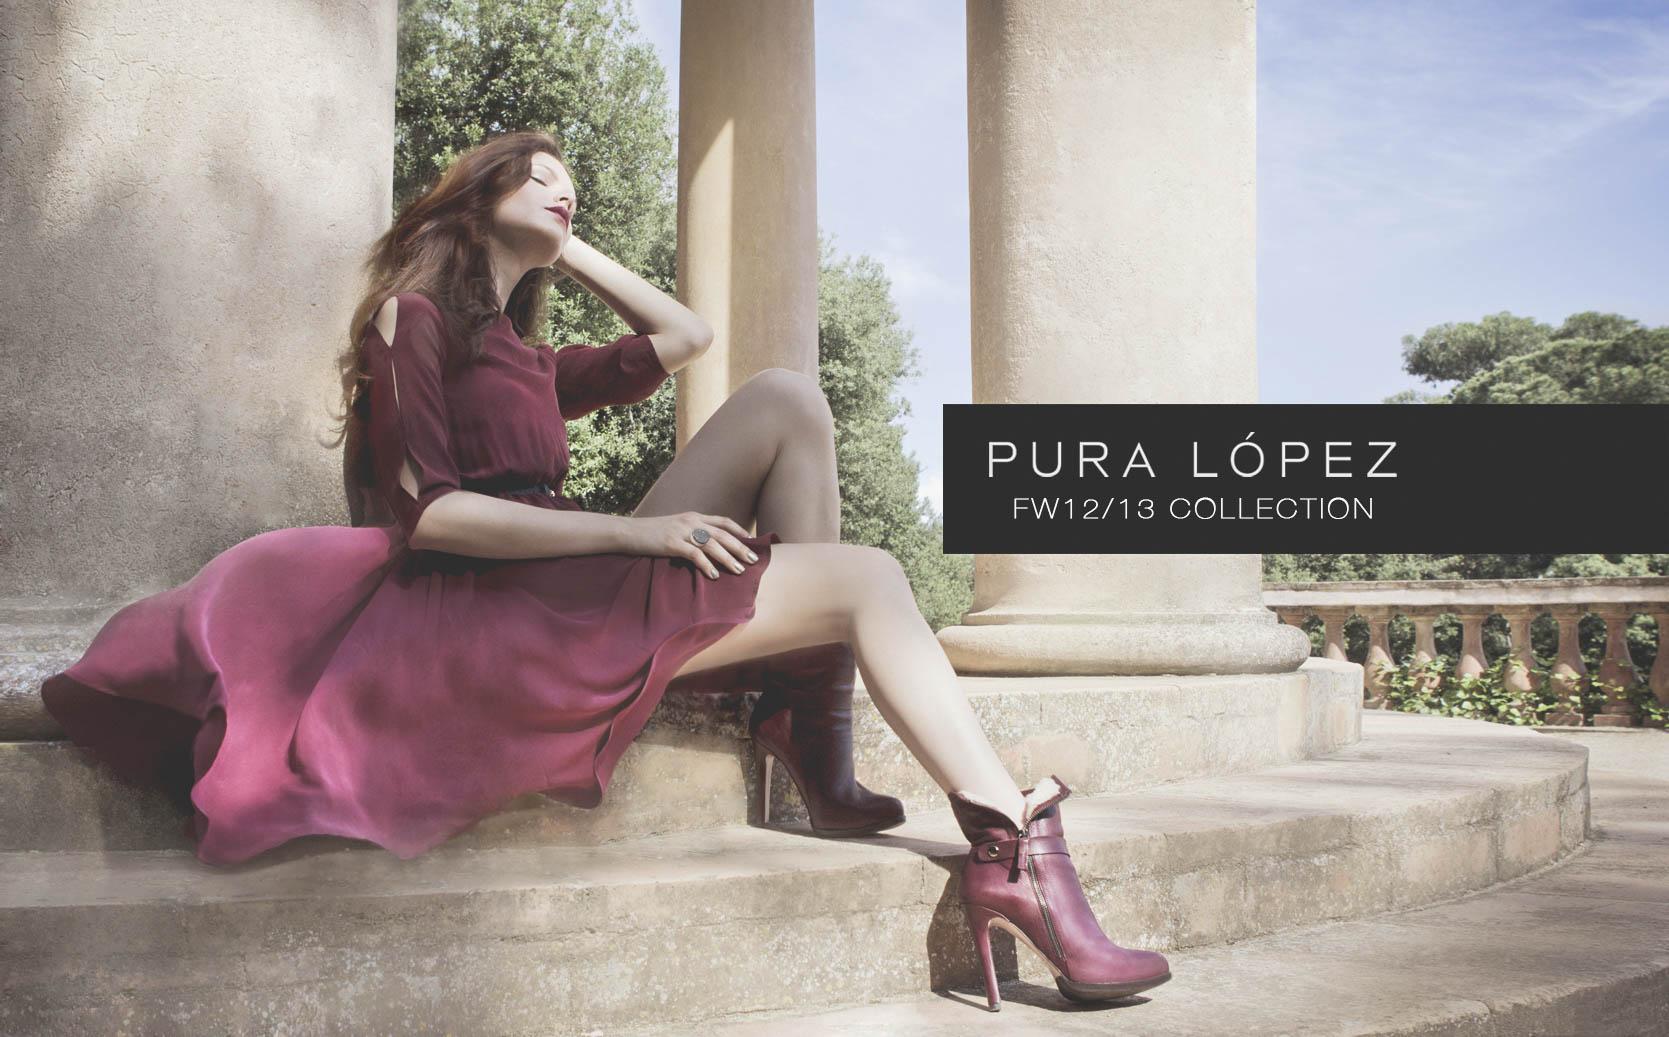 PURA LOPEZ FW12/13